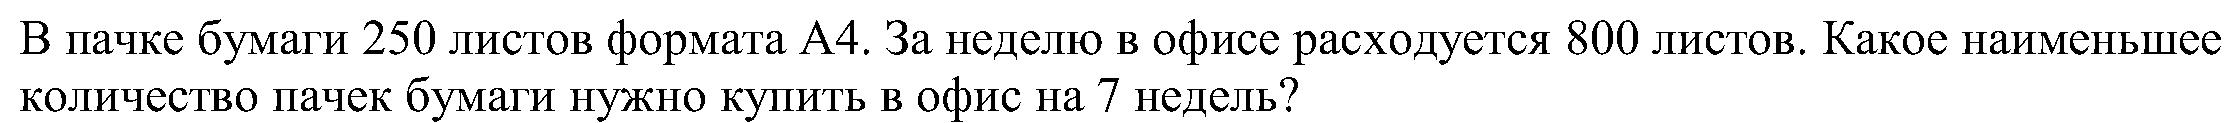 hello_html_28bc03.png